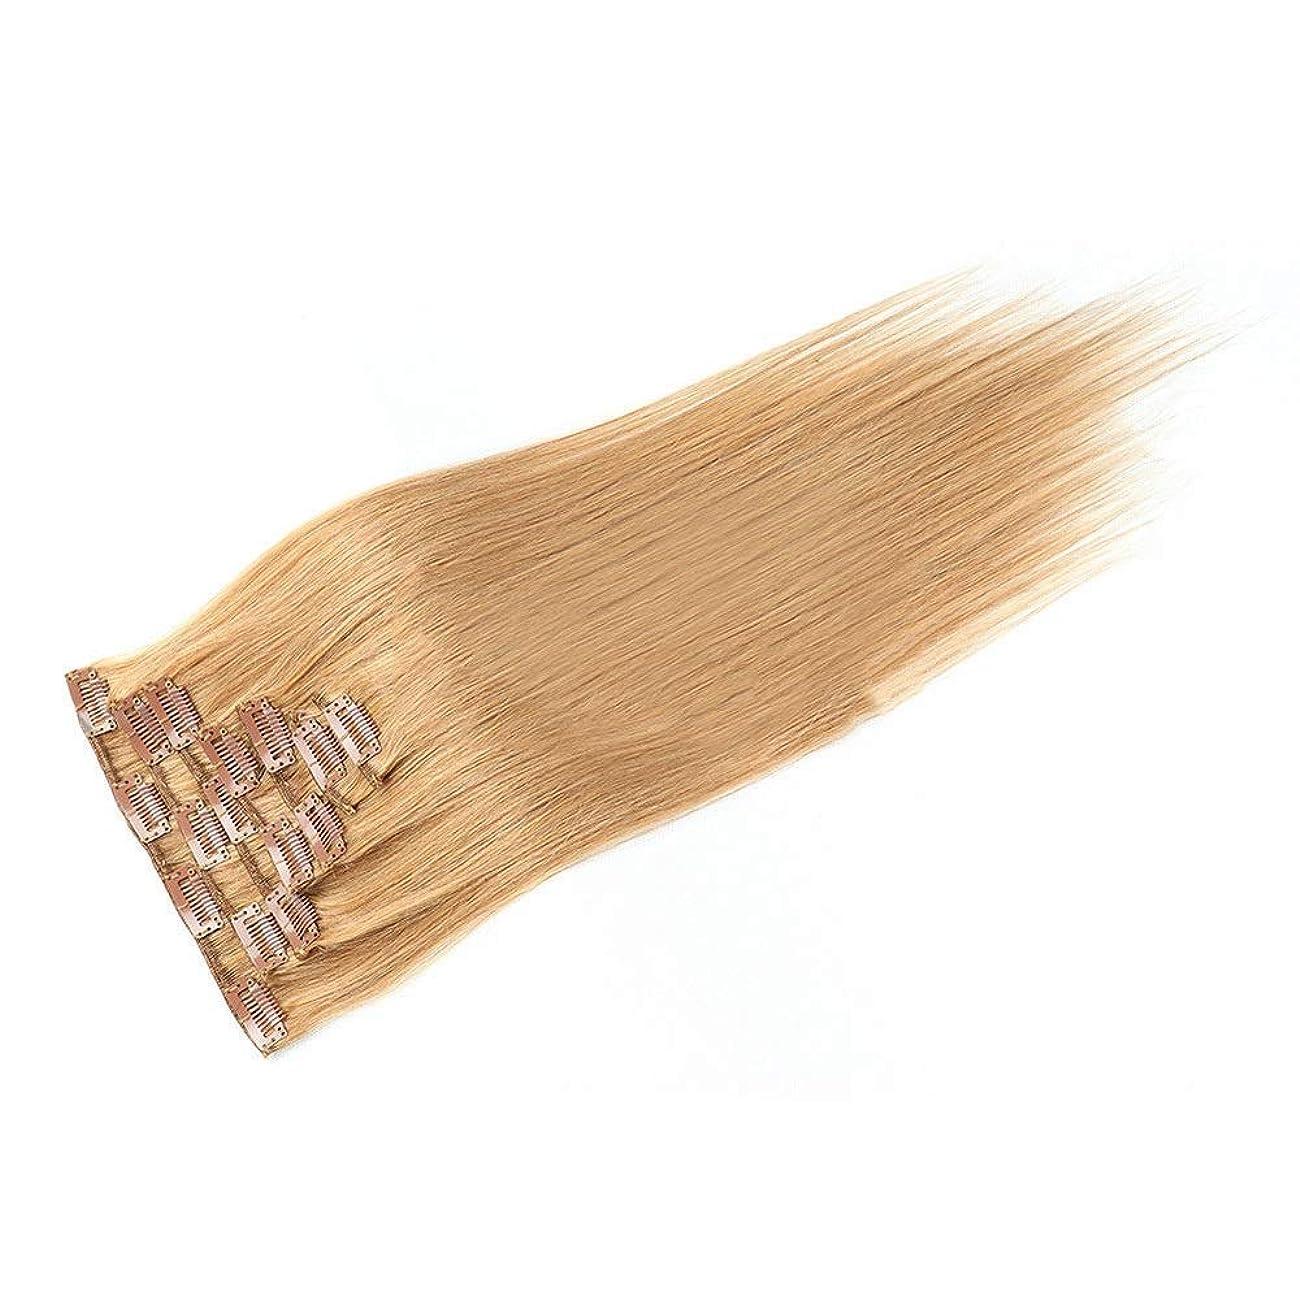 例示するシーサイド権限を与えるBOBIDYEE 20インチ人毛エクステンションクリップイン - ダブル横糸ストレートヘア - 100%レミーヘア7個フルヘッド(20